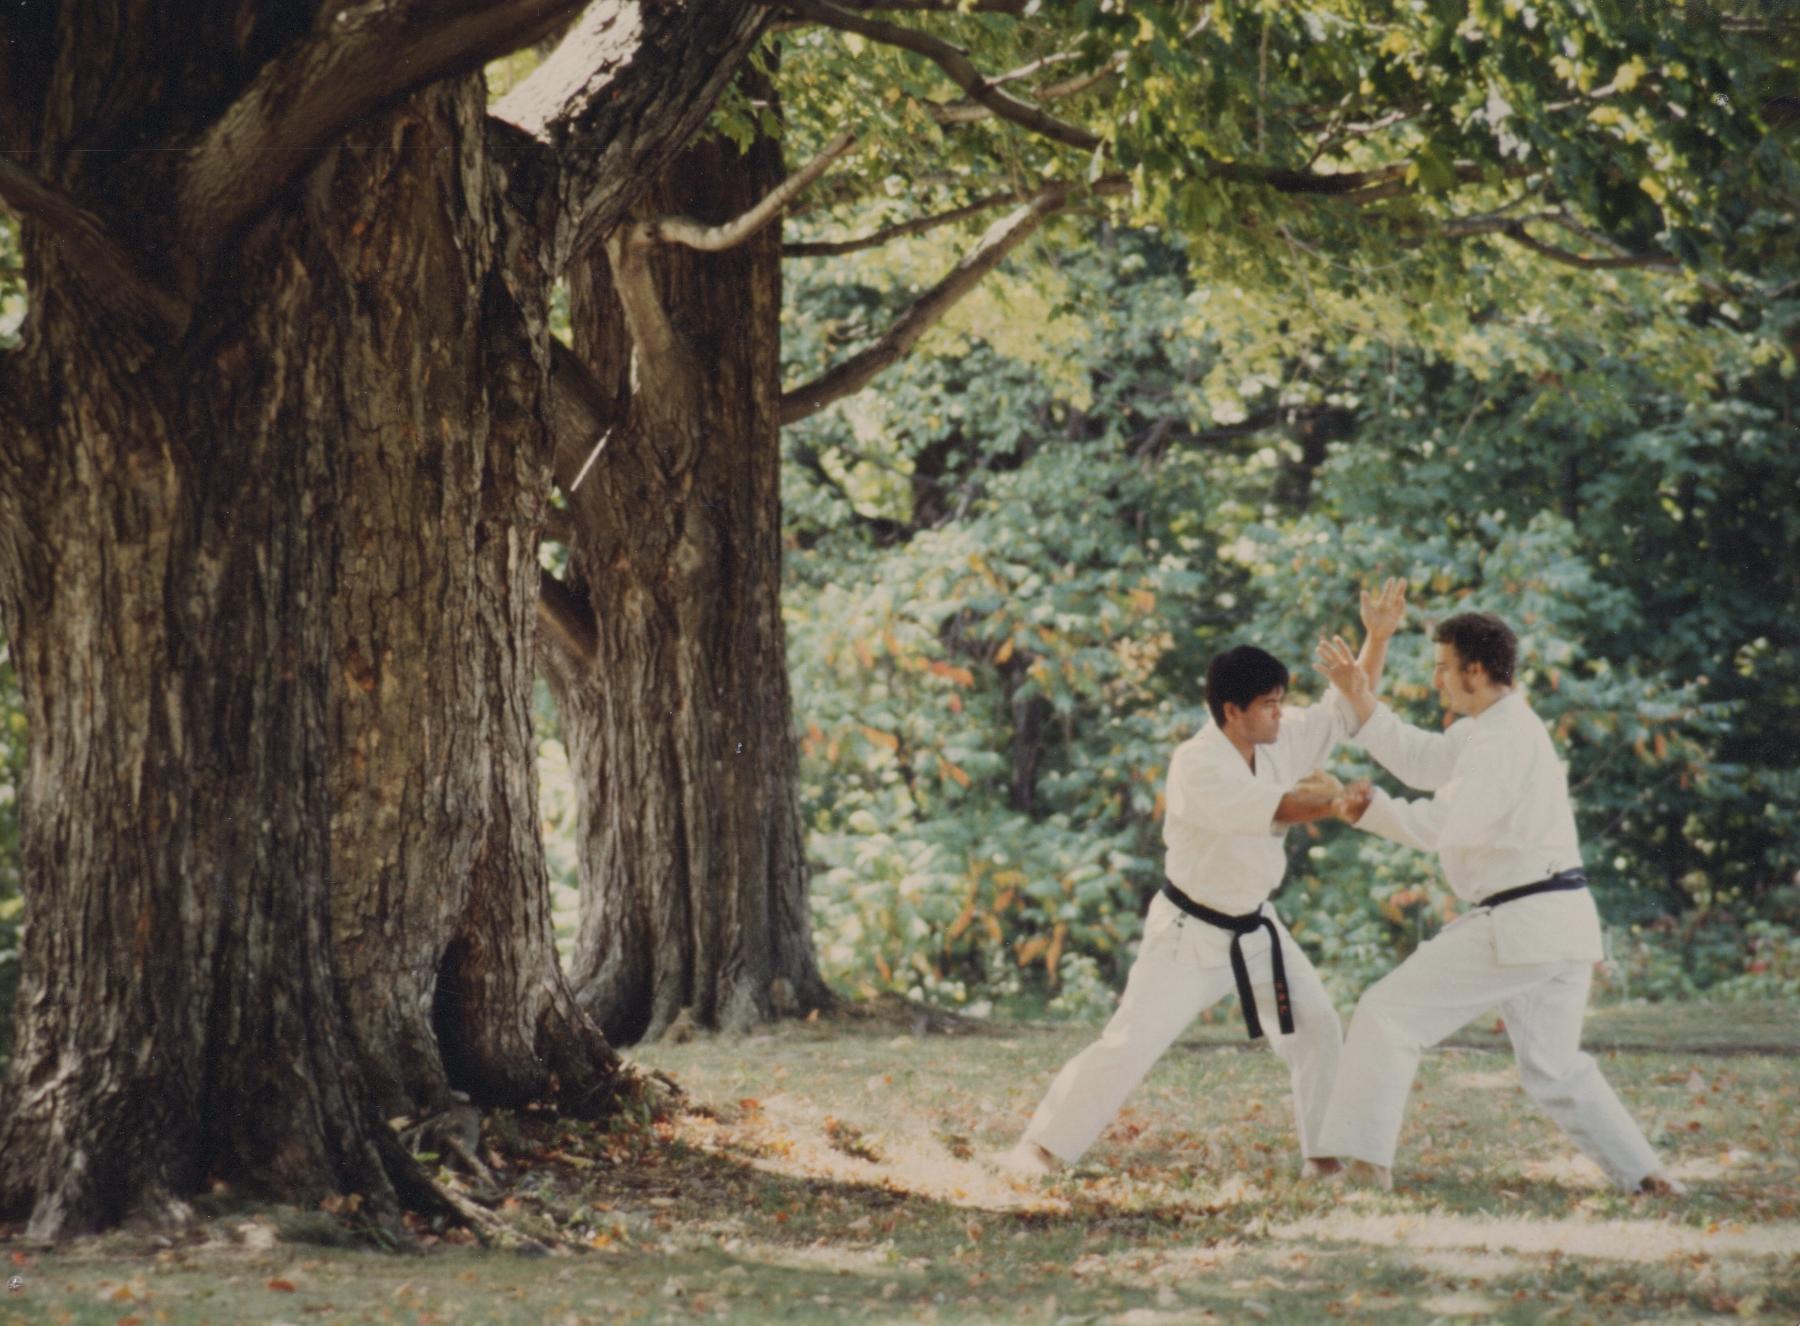 Philippe Munn & Kenji Tokitsu